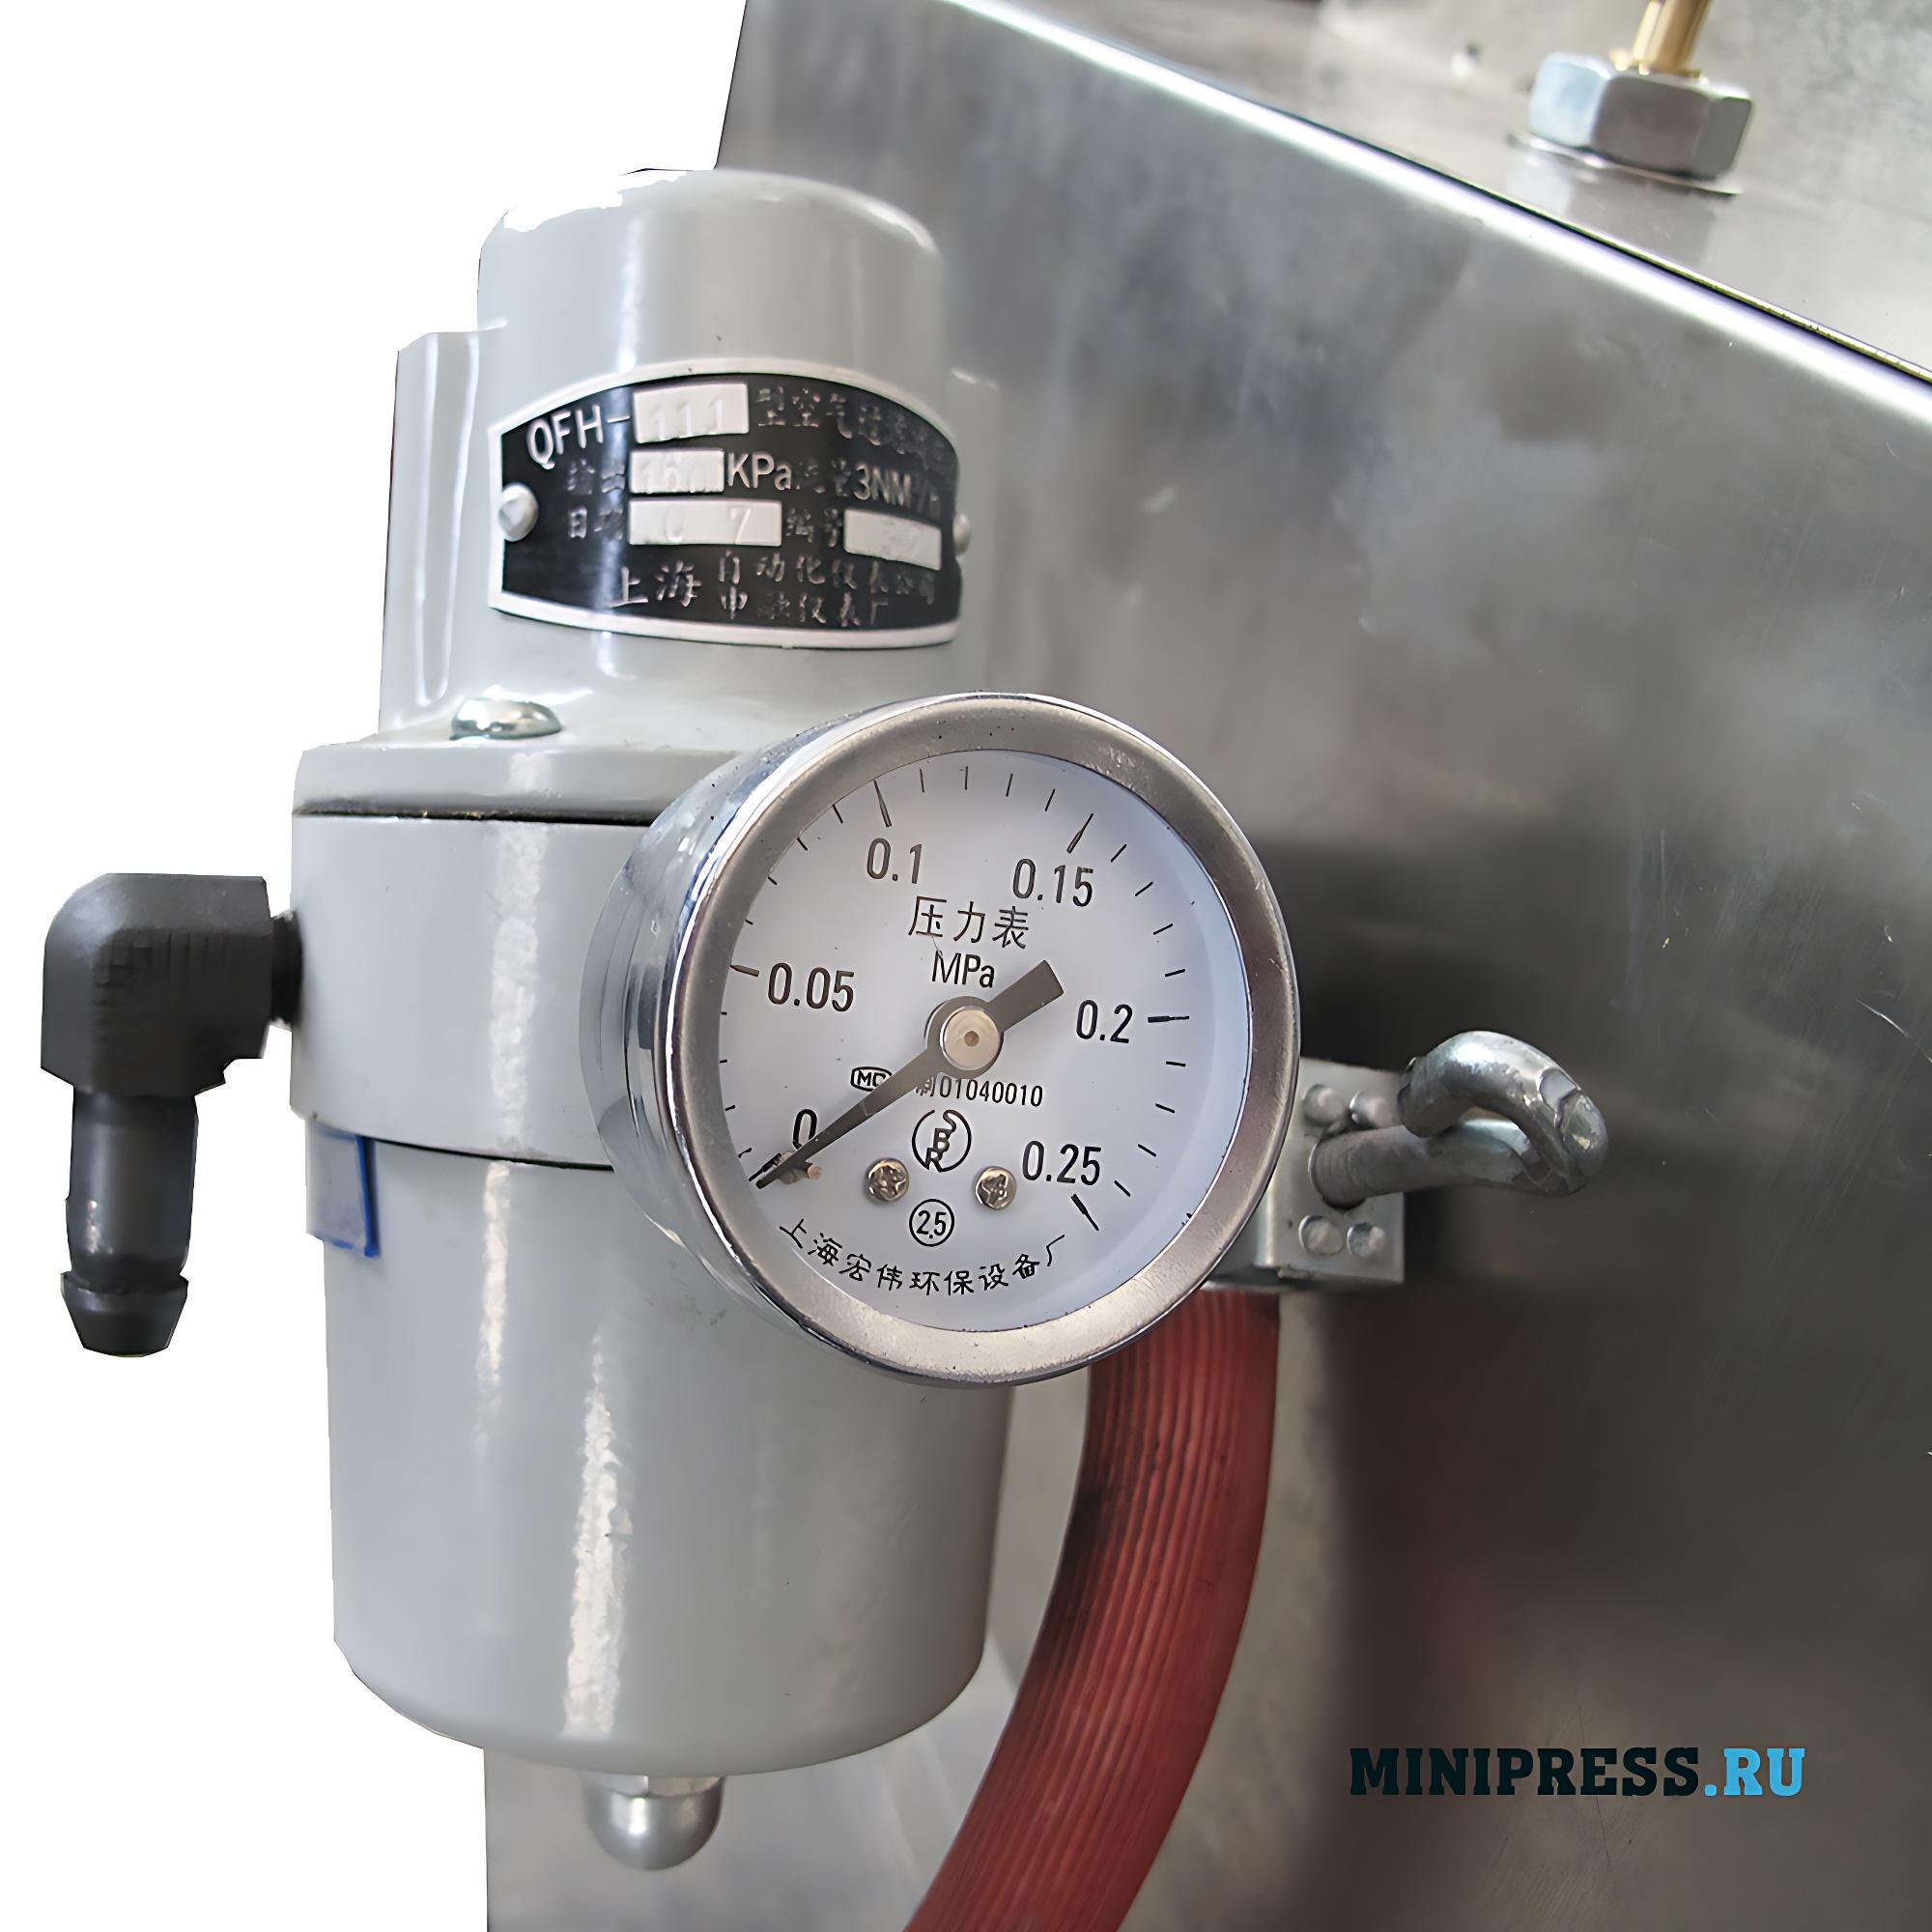 Автоматическая машина для розлива жидкостей и запайки стеклянных ампул